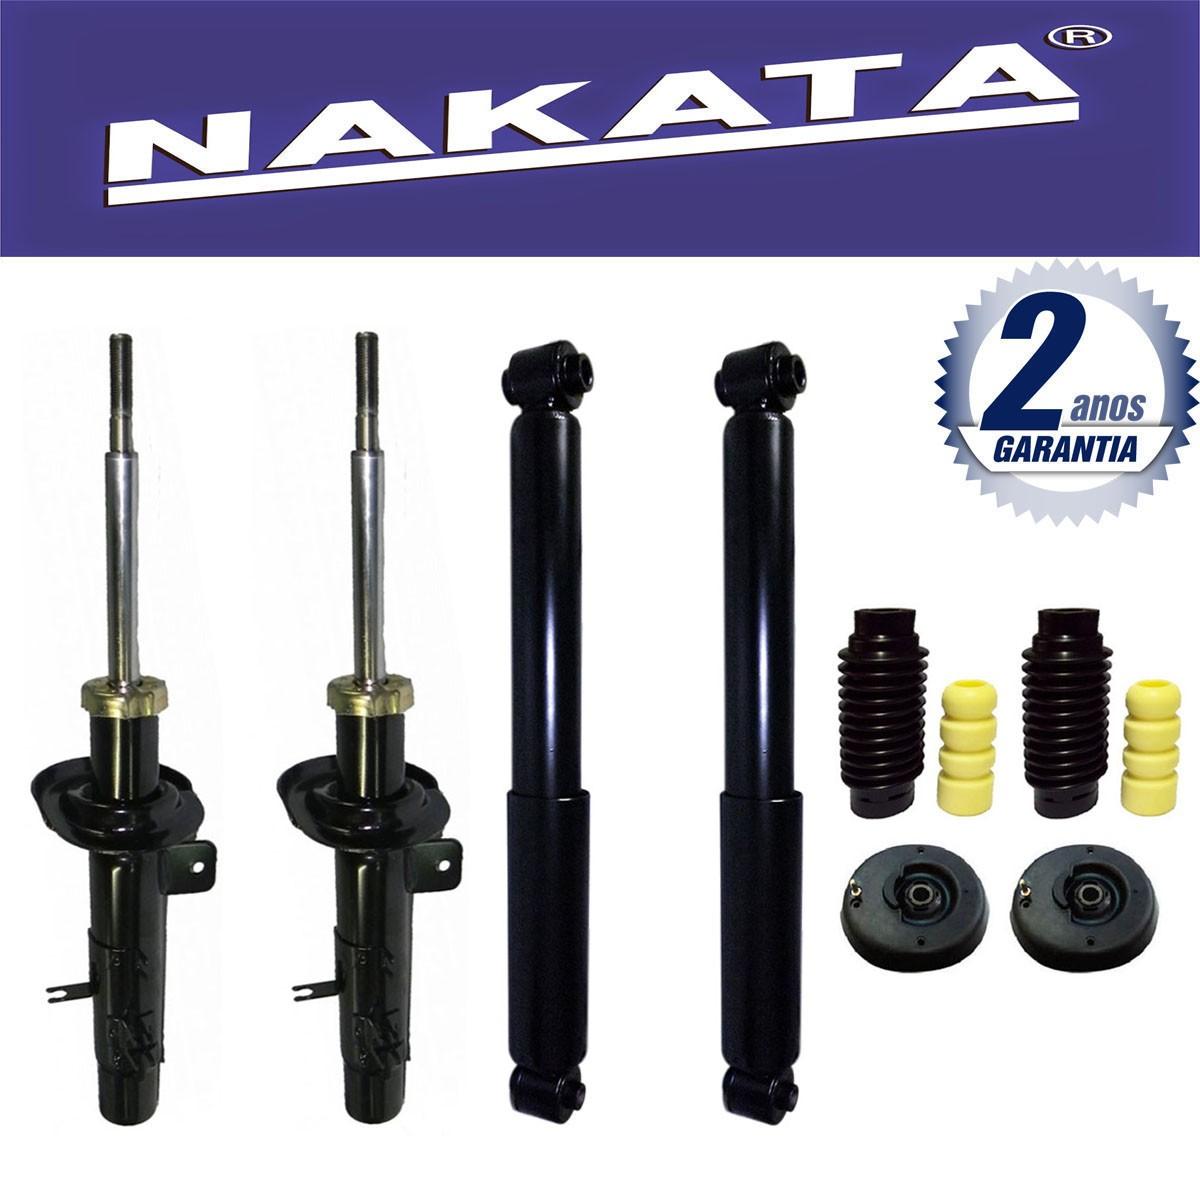 Jogo 04 Amortecedores Nakata Citroen C3 2003 Até 2012 + Kit da Suspensão